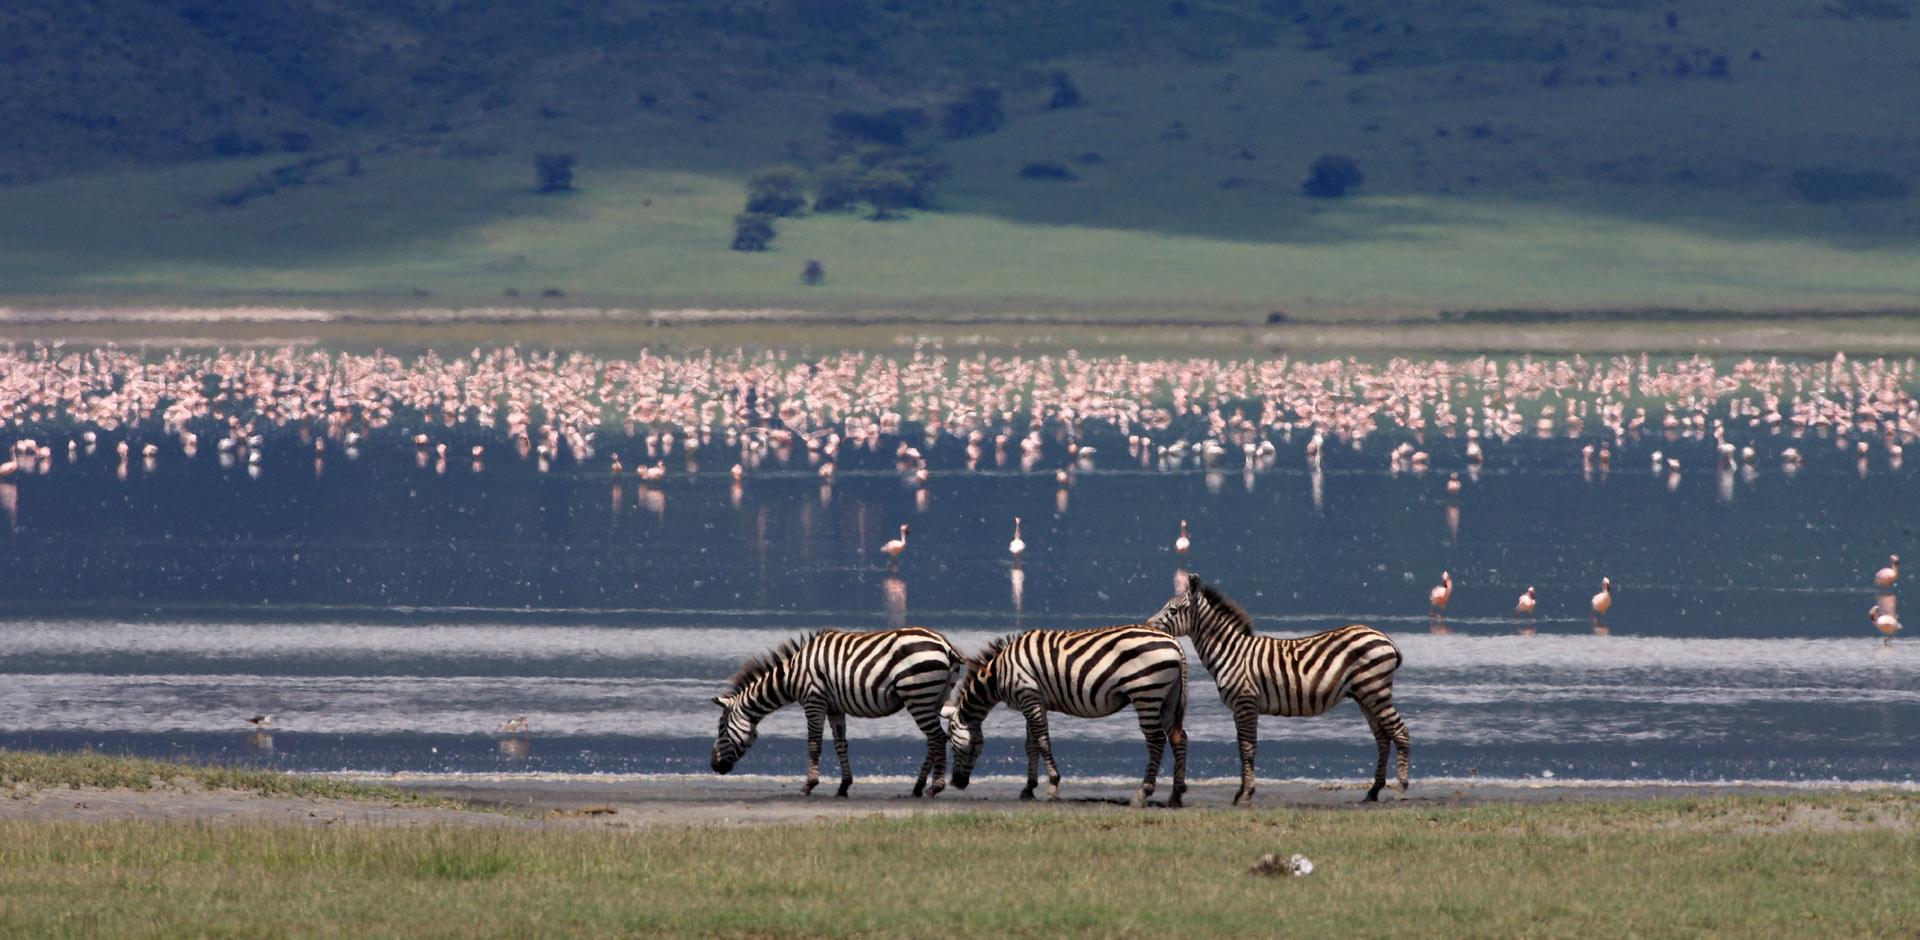 Ngorongoro Conservation area, Tanzania, animallovers